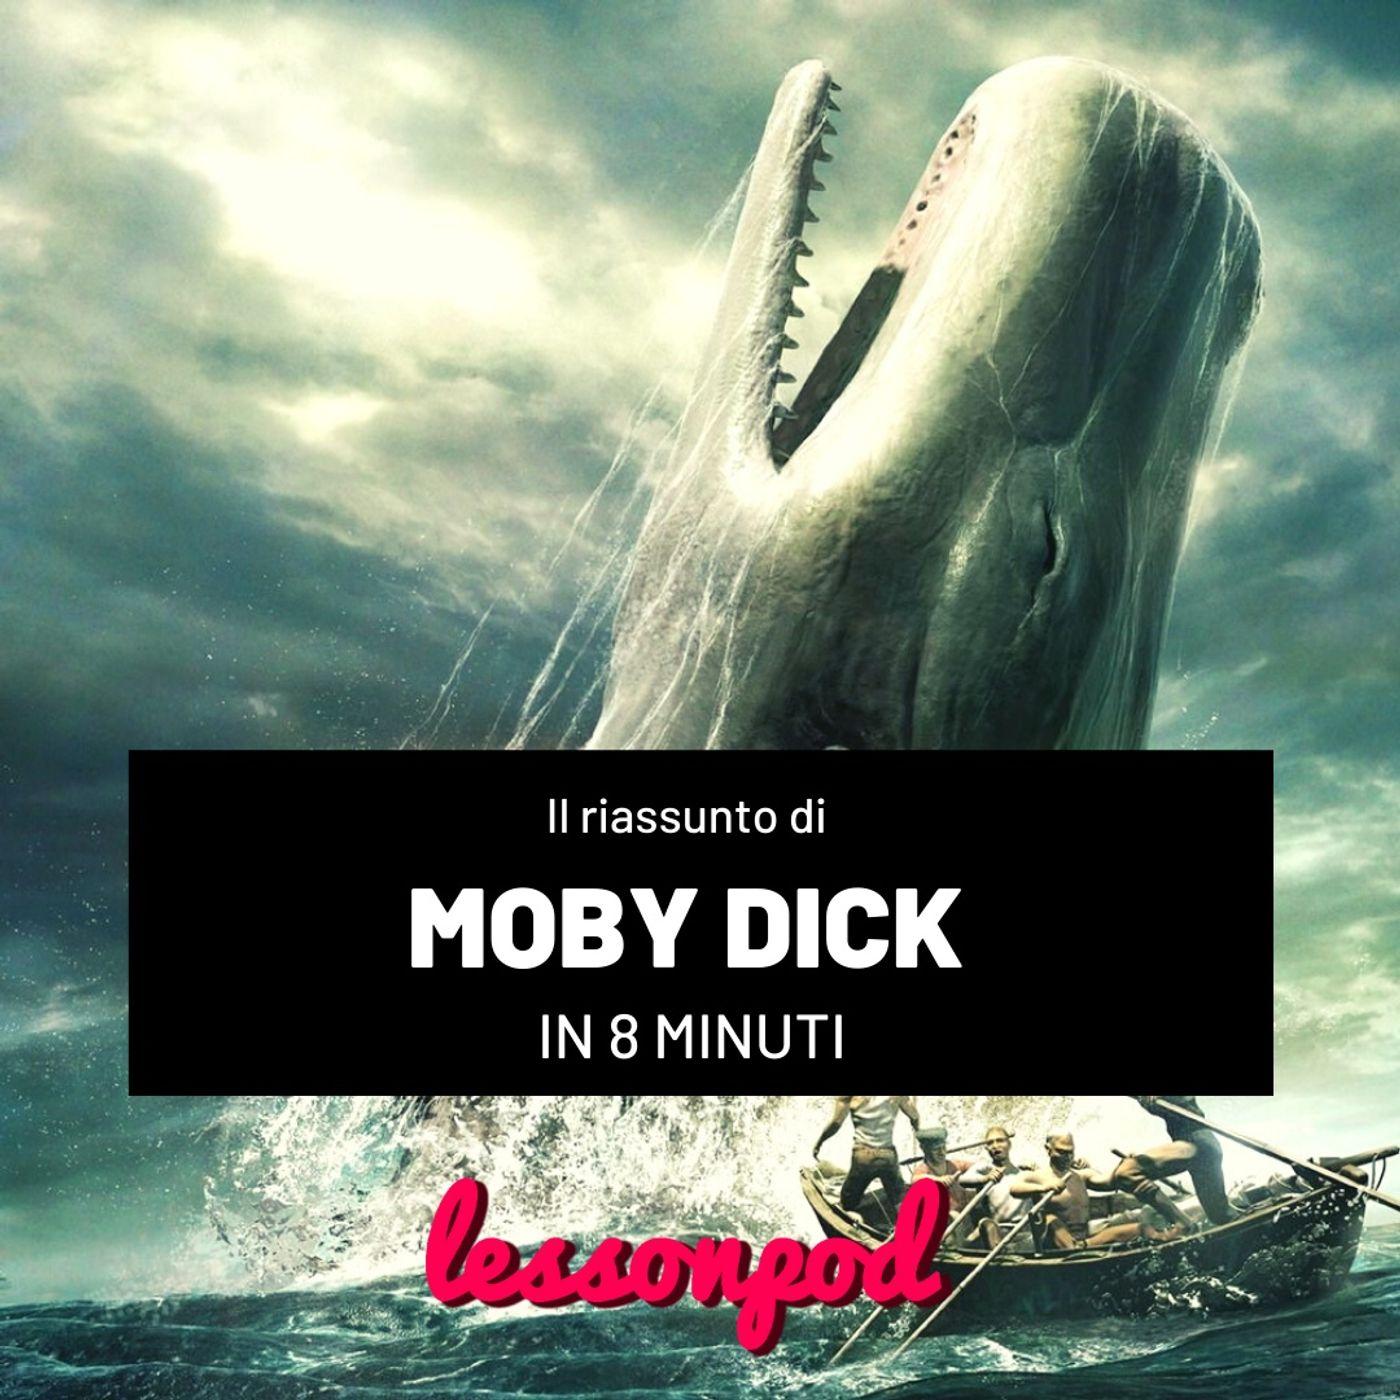 Il riassunto di Moby Dick in 8 minuti